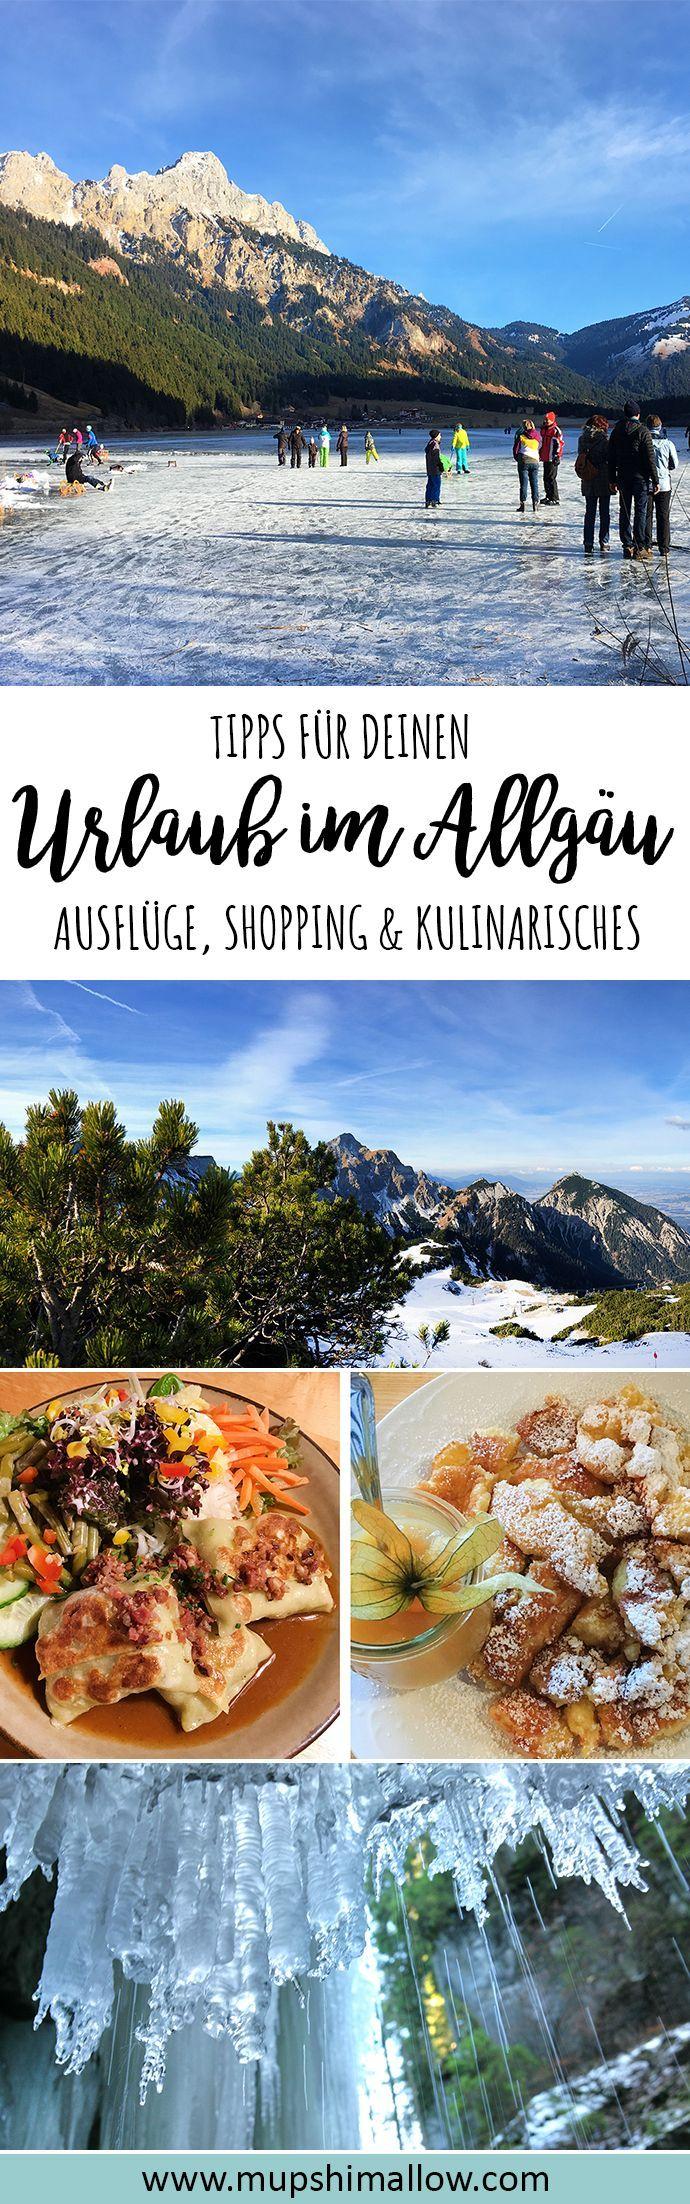 Du brauchst Tipps für deinen Urlaub im Allgäu (Bayern)? Klick hier für tolle Empfehlungen im Allgäu für Tages Ausflüge, Sehenswürdigkeiten Shopping Tipps und Restaurants. Erkunde die schöne Region des Allgäus im Urlaub!